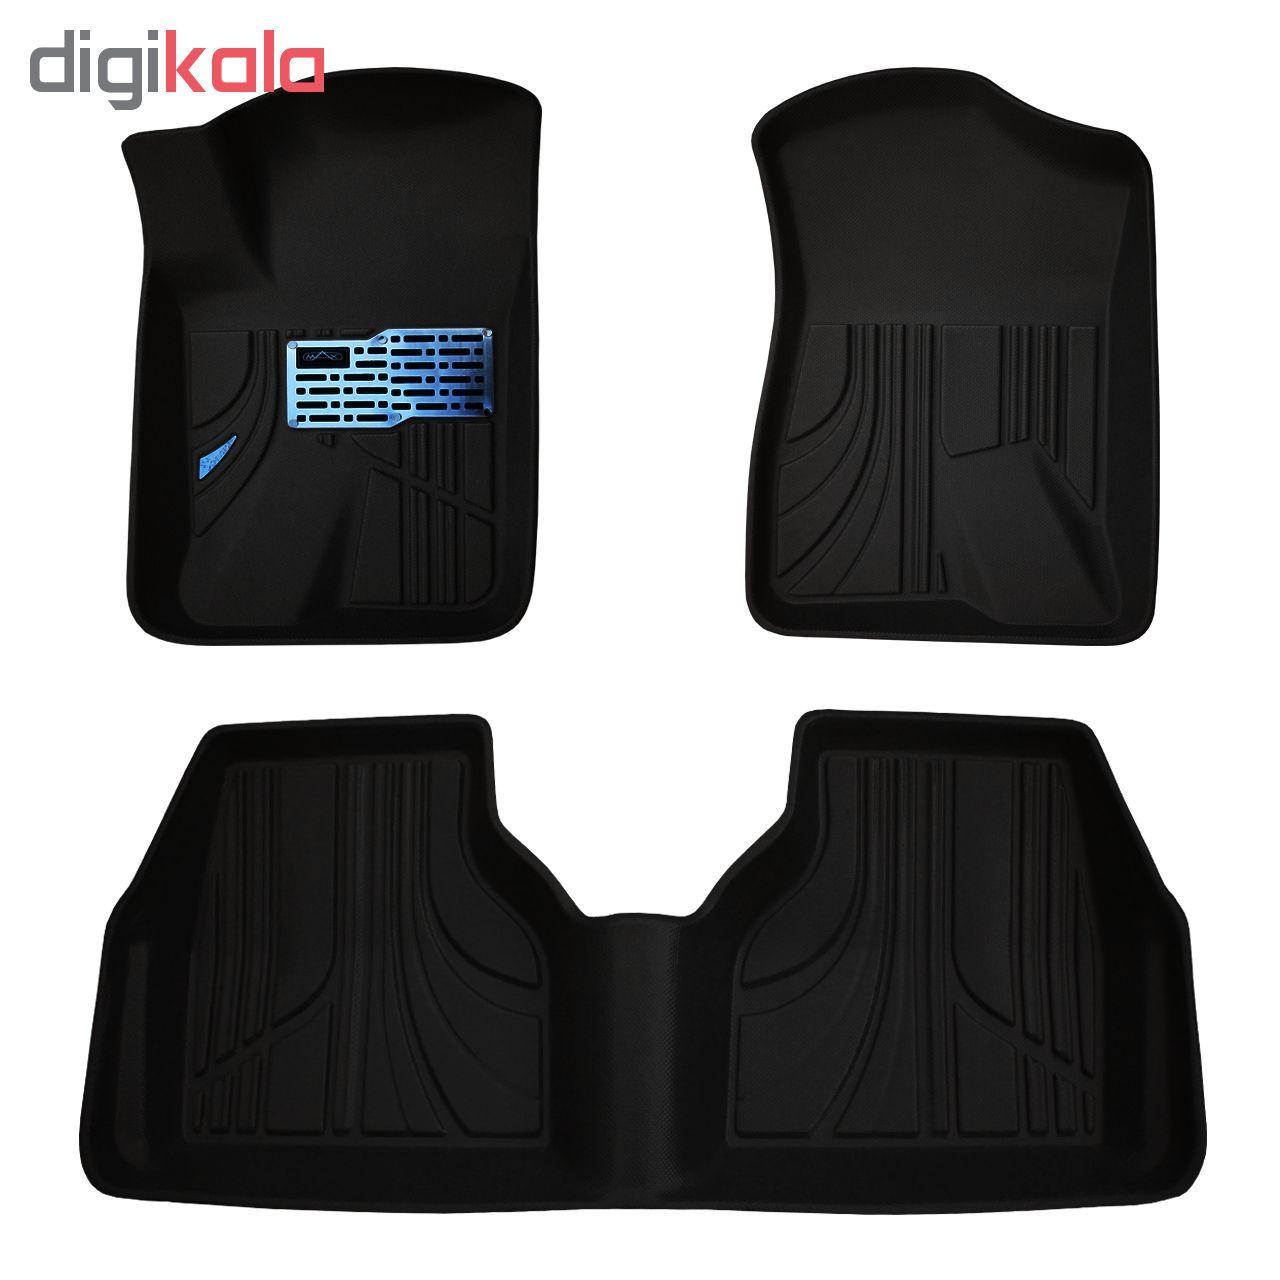 کفپوش سه بعدی خودرو مکس مدل K009 مناسب برای سمند main 1 2